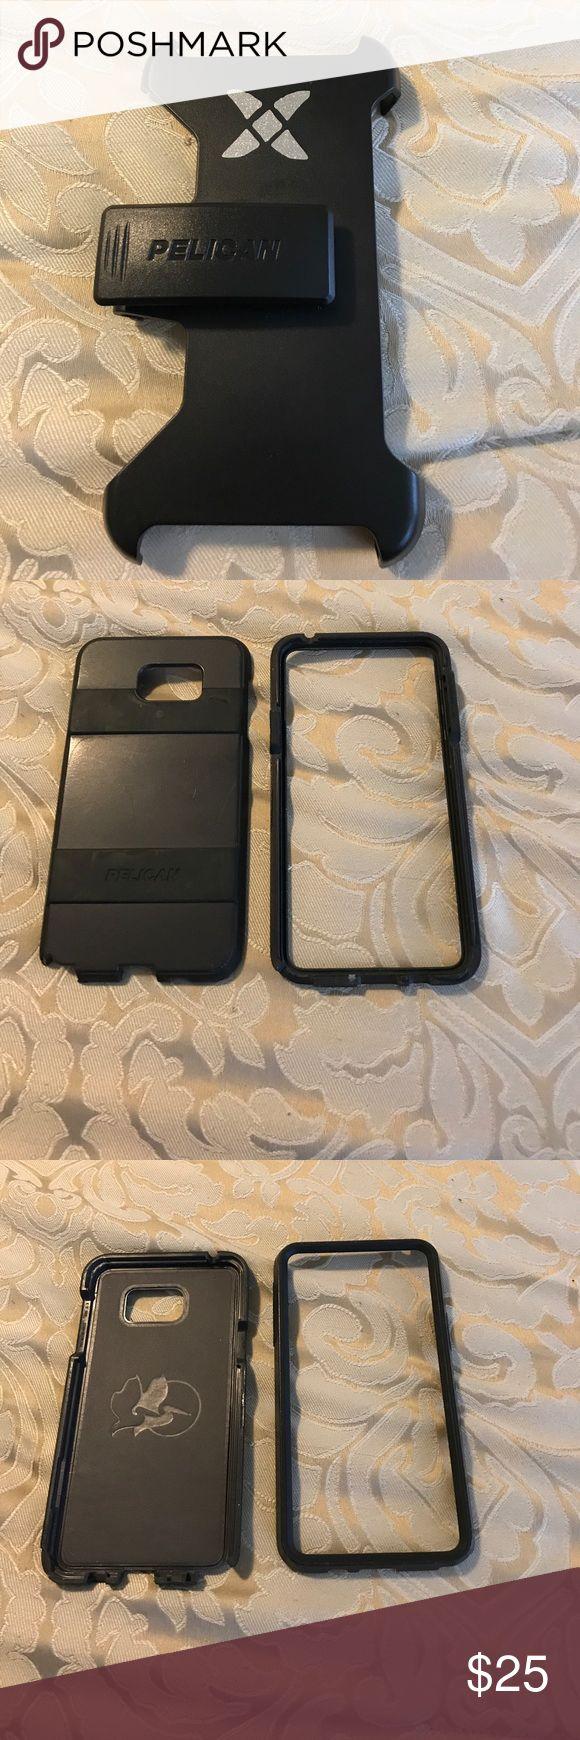 Pelican Samsung galaxy note 5 case Pelican Samsung galaxy note 5 case Pelican Accessories Phone Cases